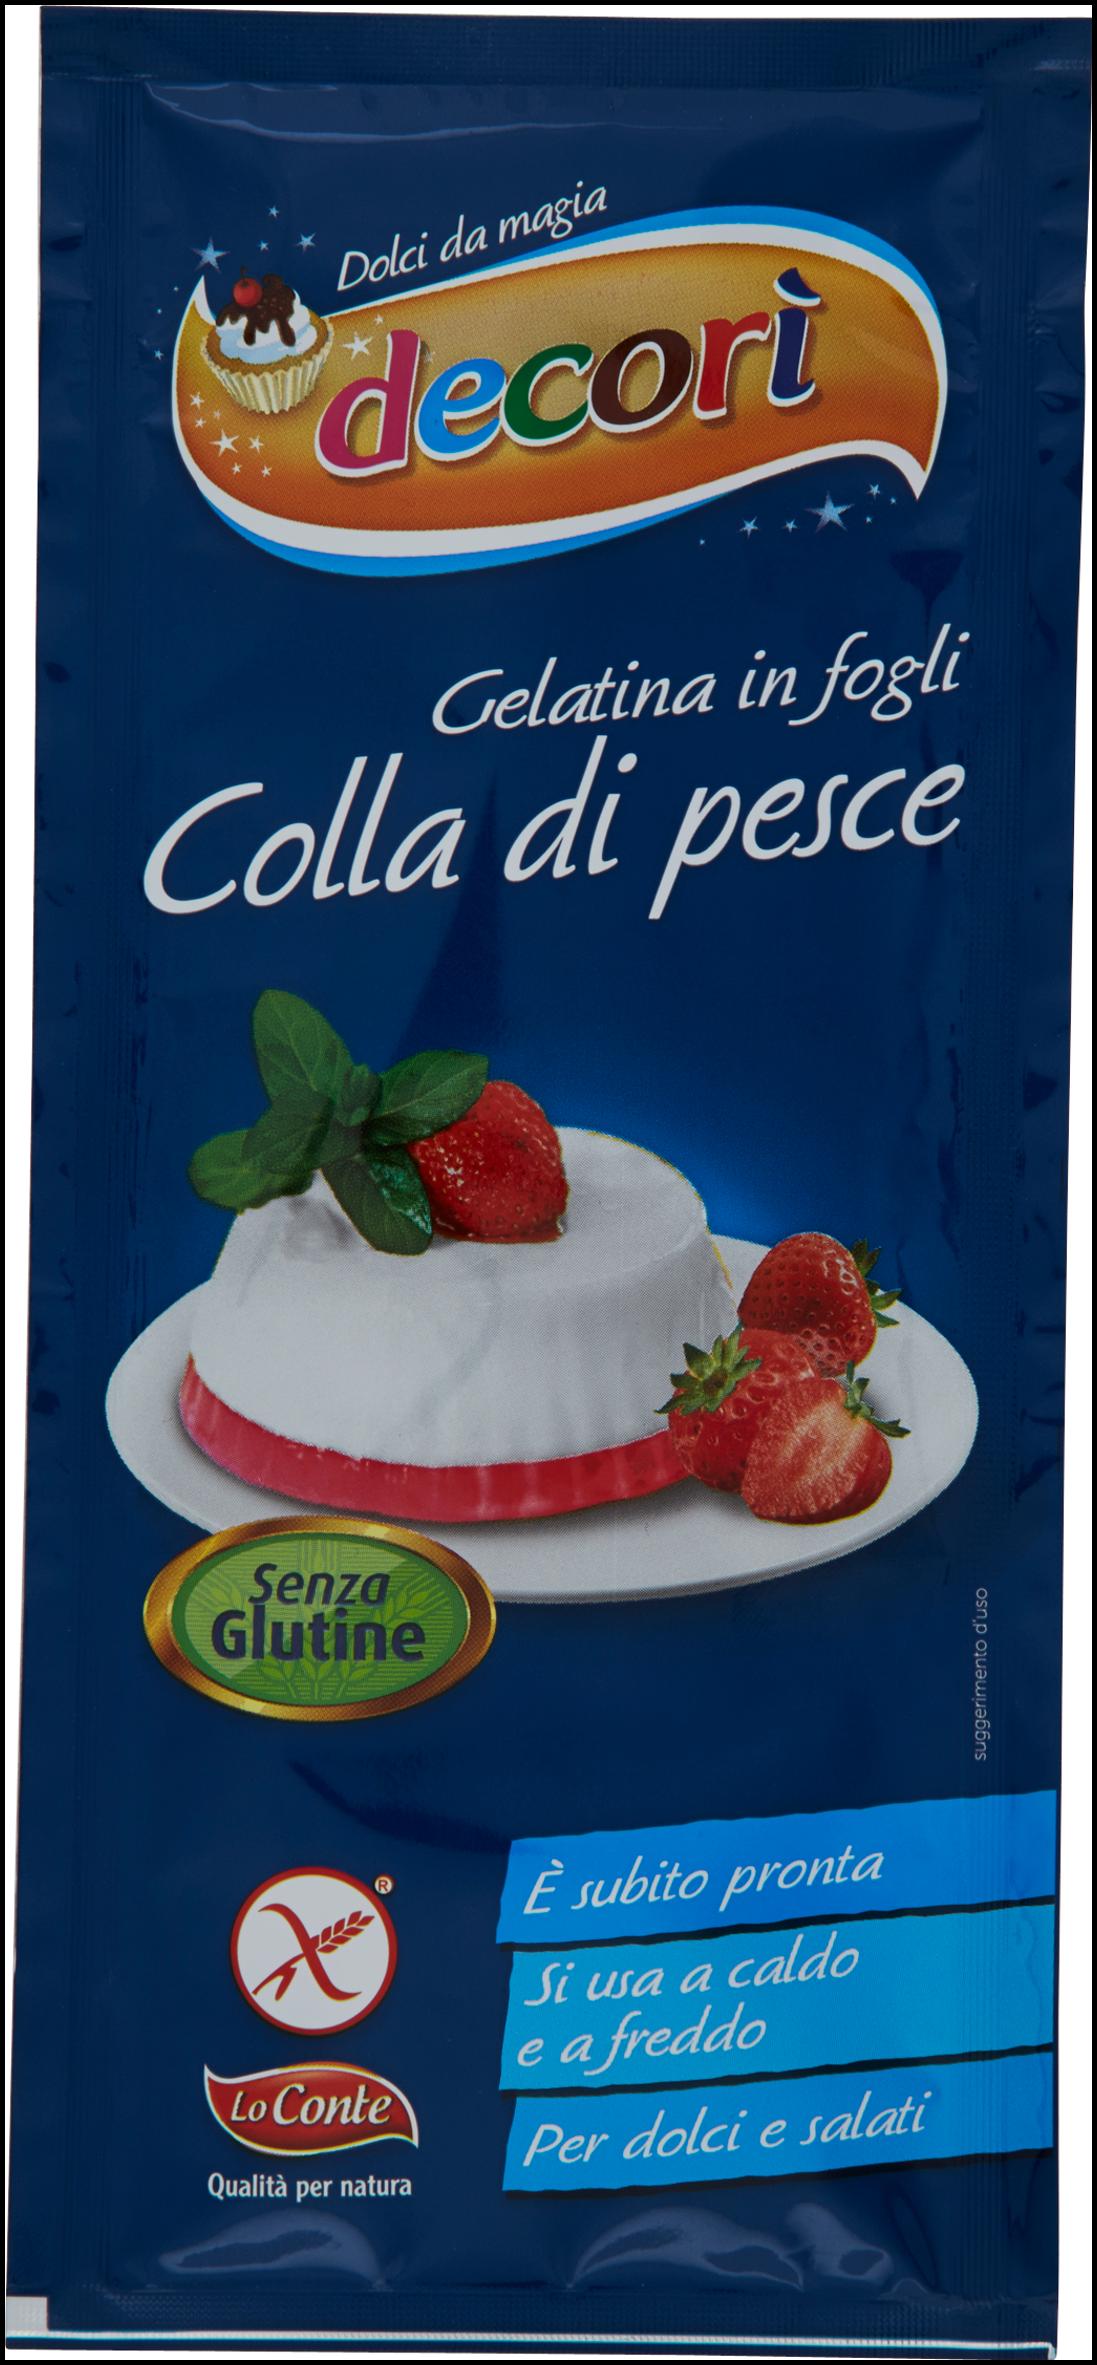 COLLA DI PESCE DECORI' GR 4X5 F.